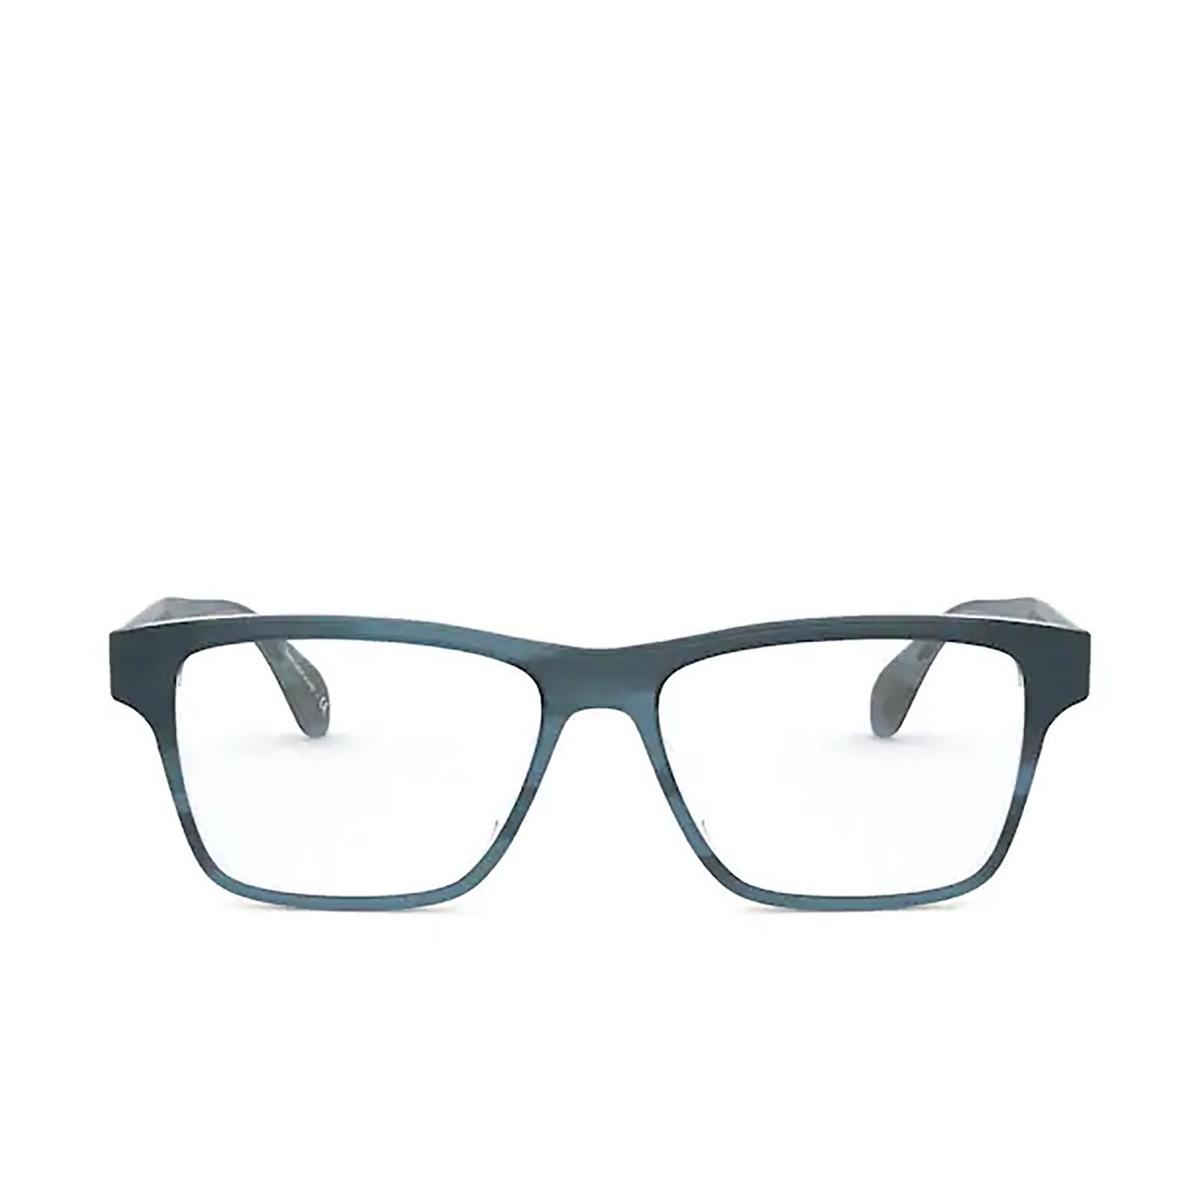 Oliver Peoples® Rectangle Eyeglasses: Osten OV5416U color Indigo Havana 1662 - front view.